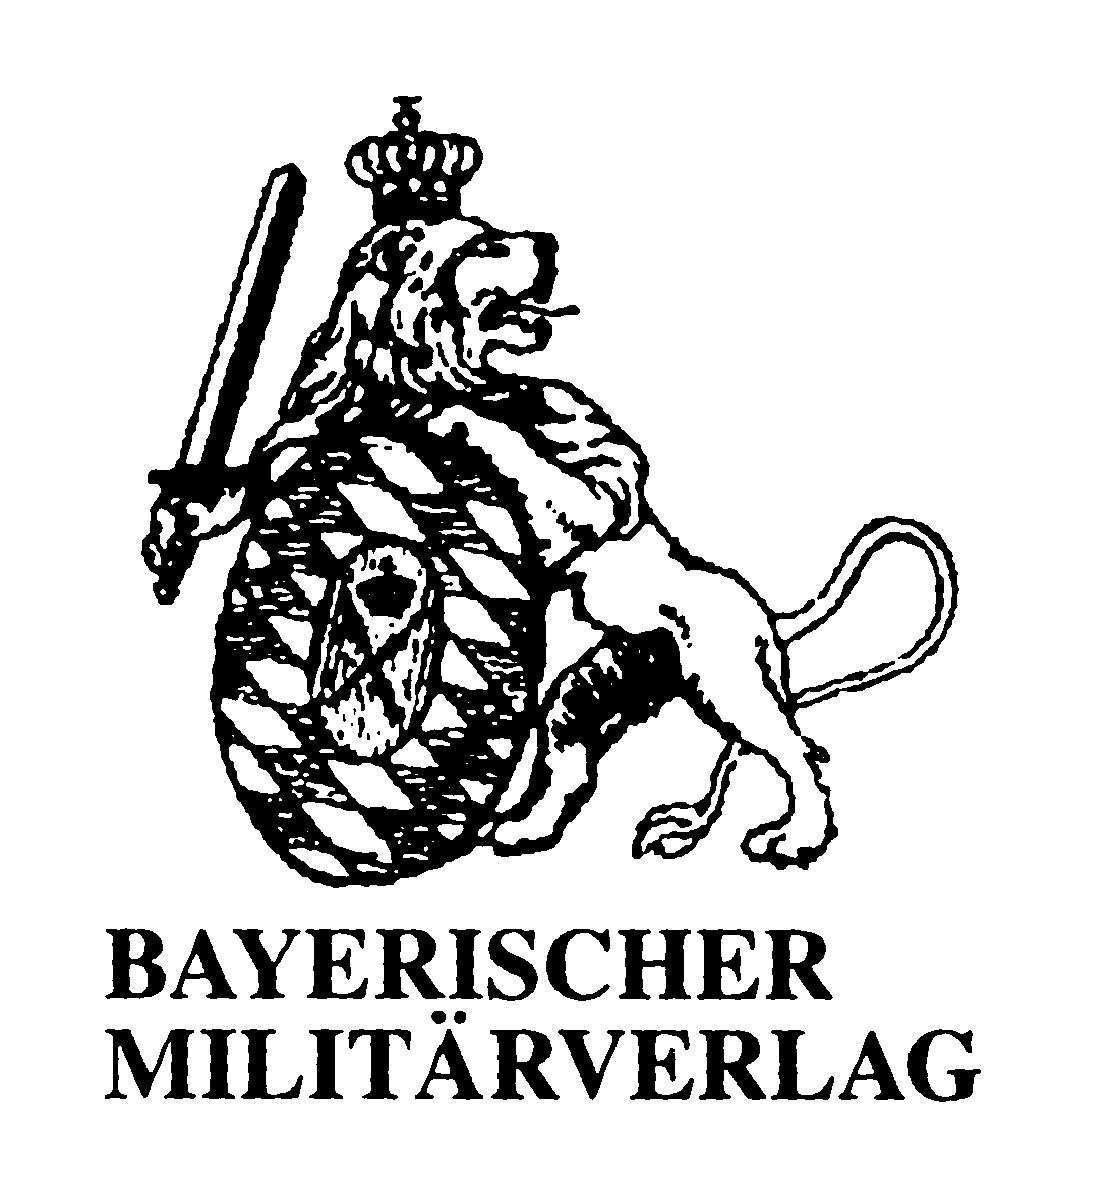 Bayrischer Militärverlag